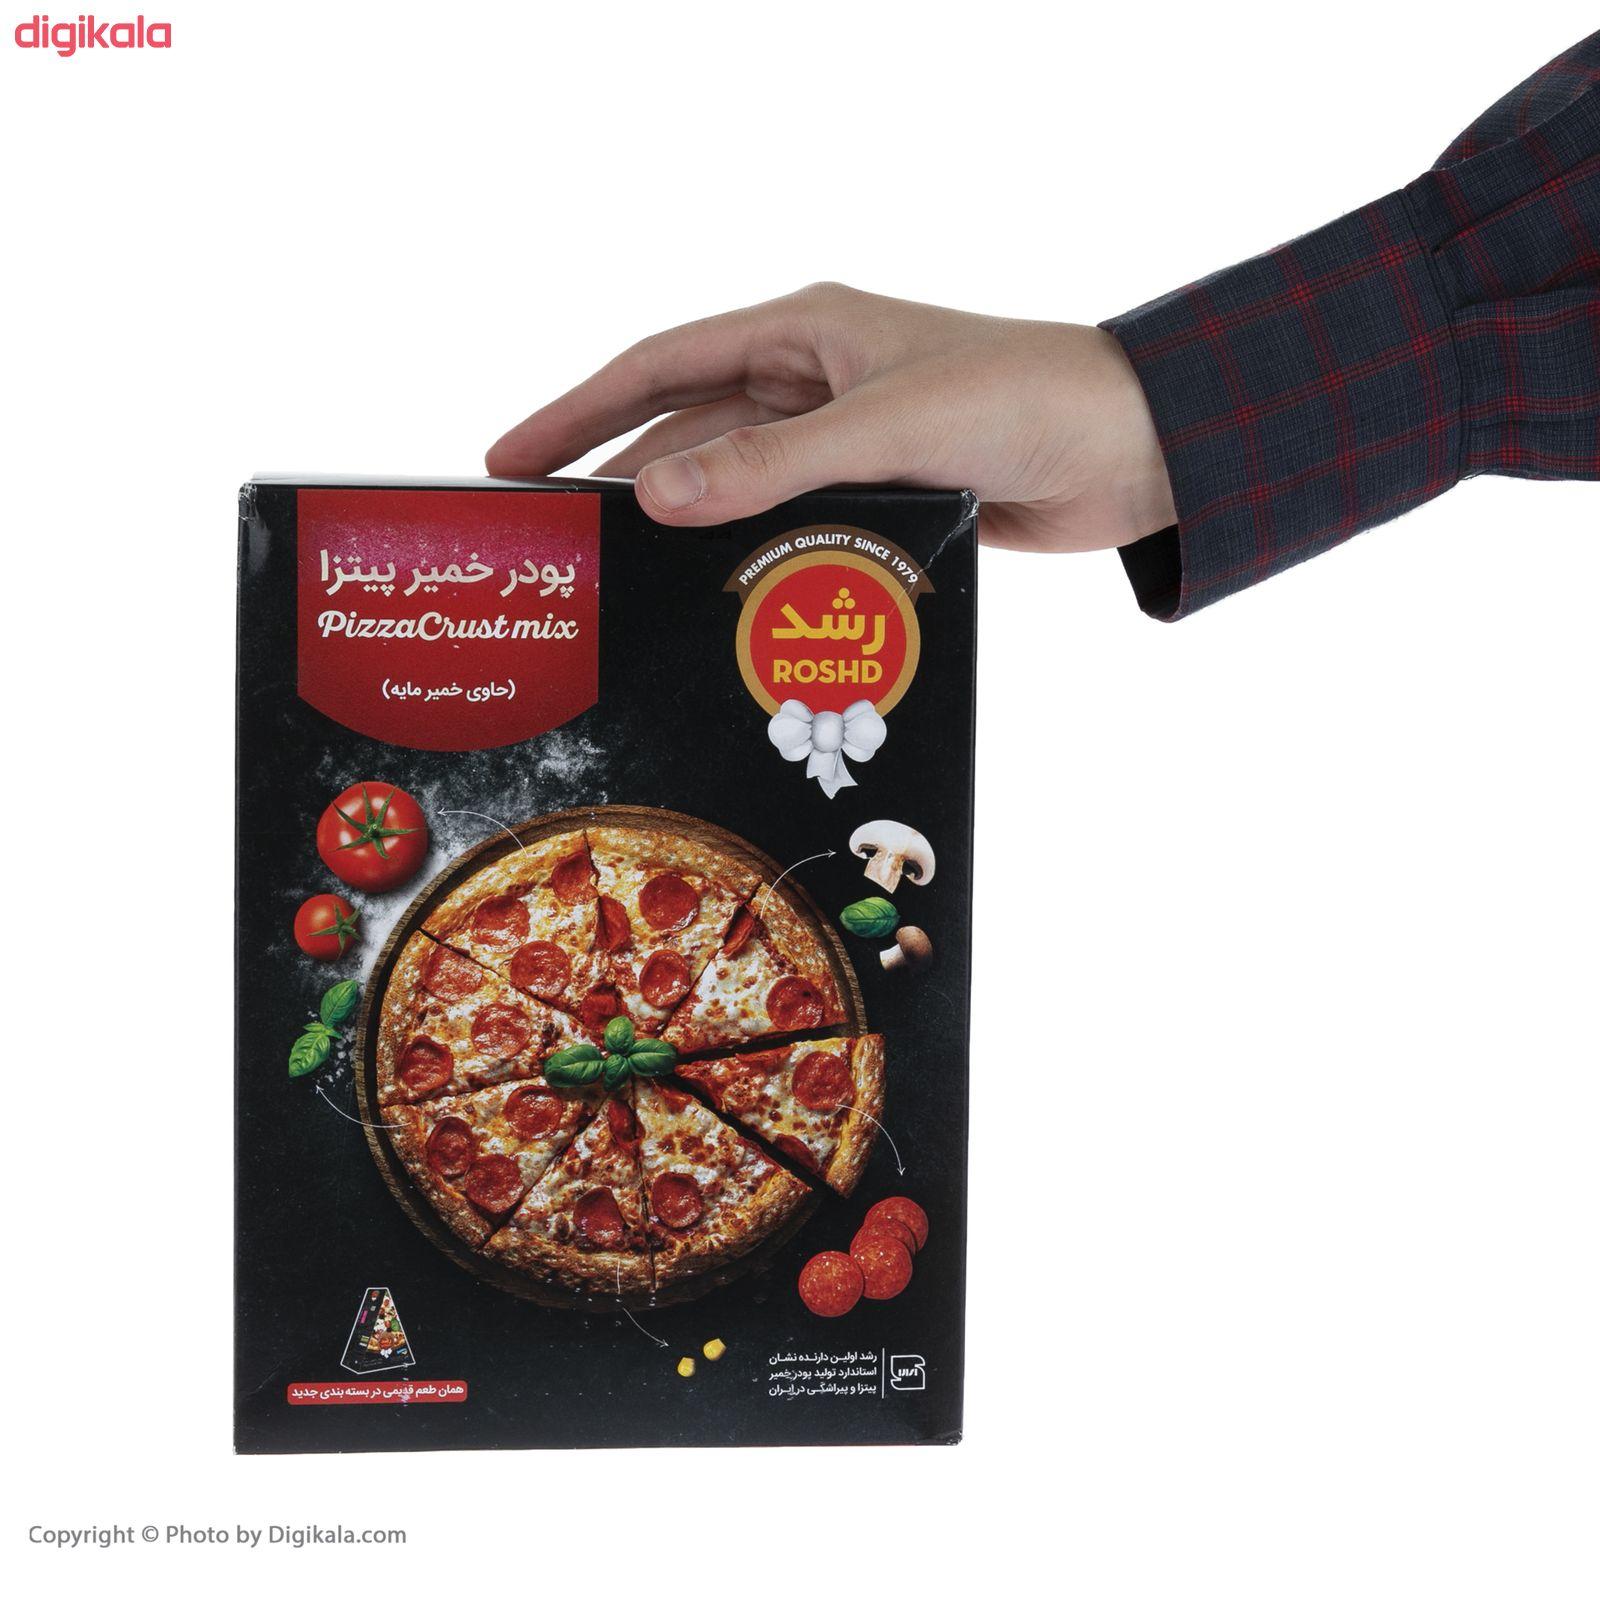 پودر خمیر پیتزا رشد مقدار 480 گرم main 1 3